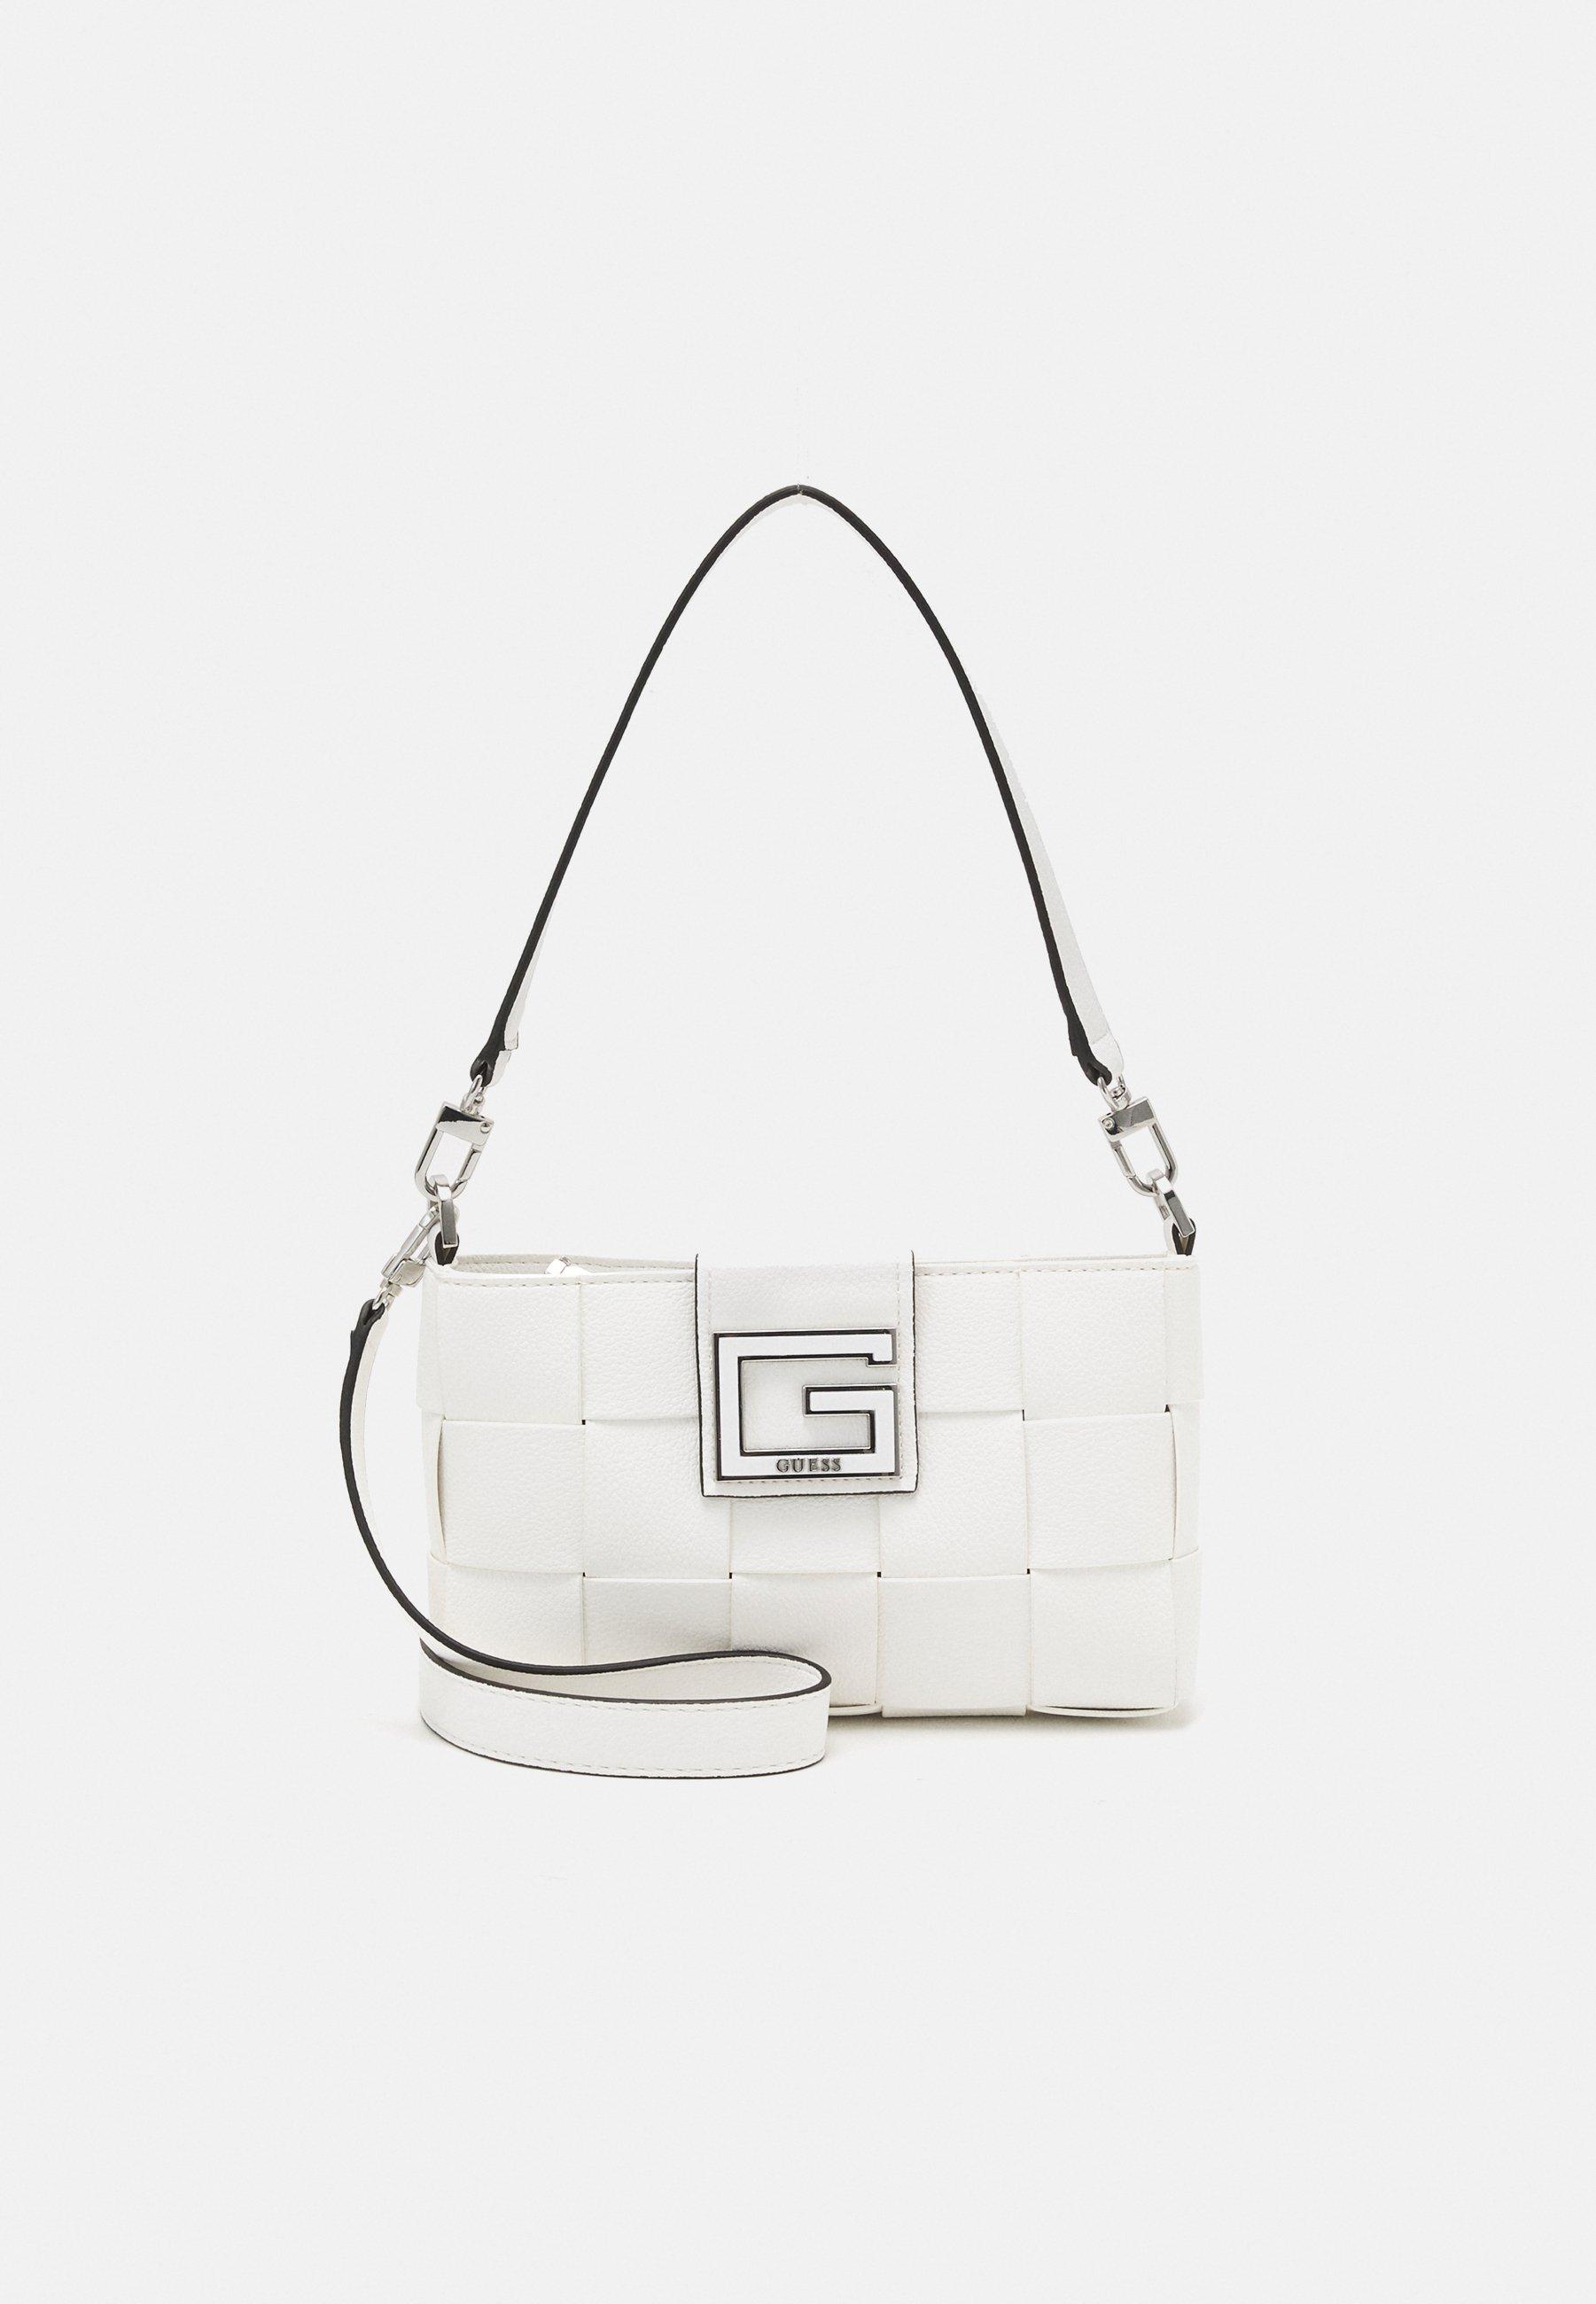 Women LIBERTY CITY TOP ZIP - Handbag